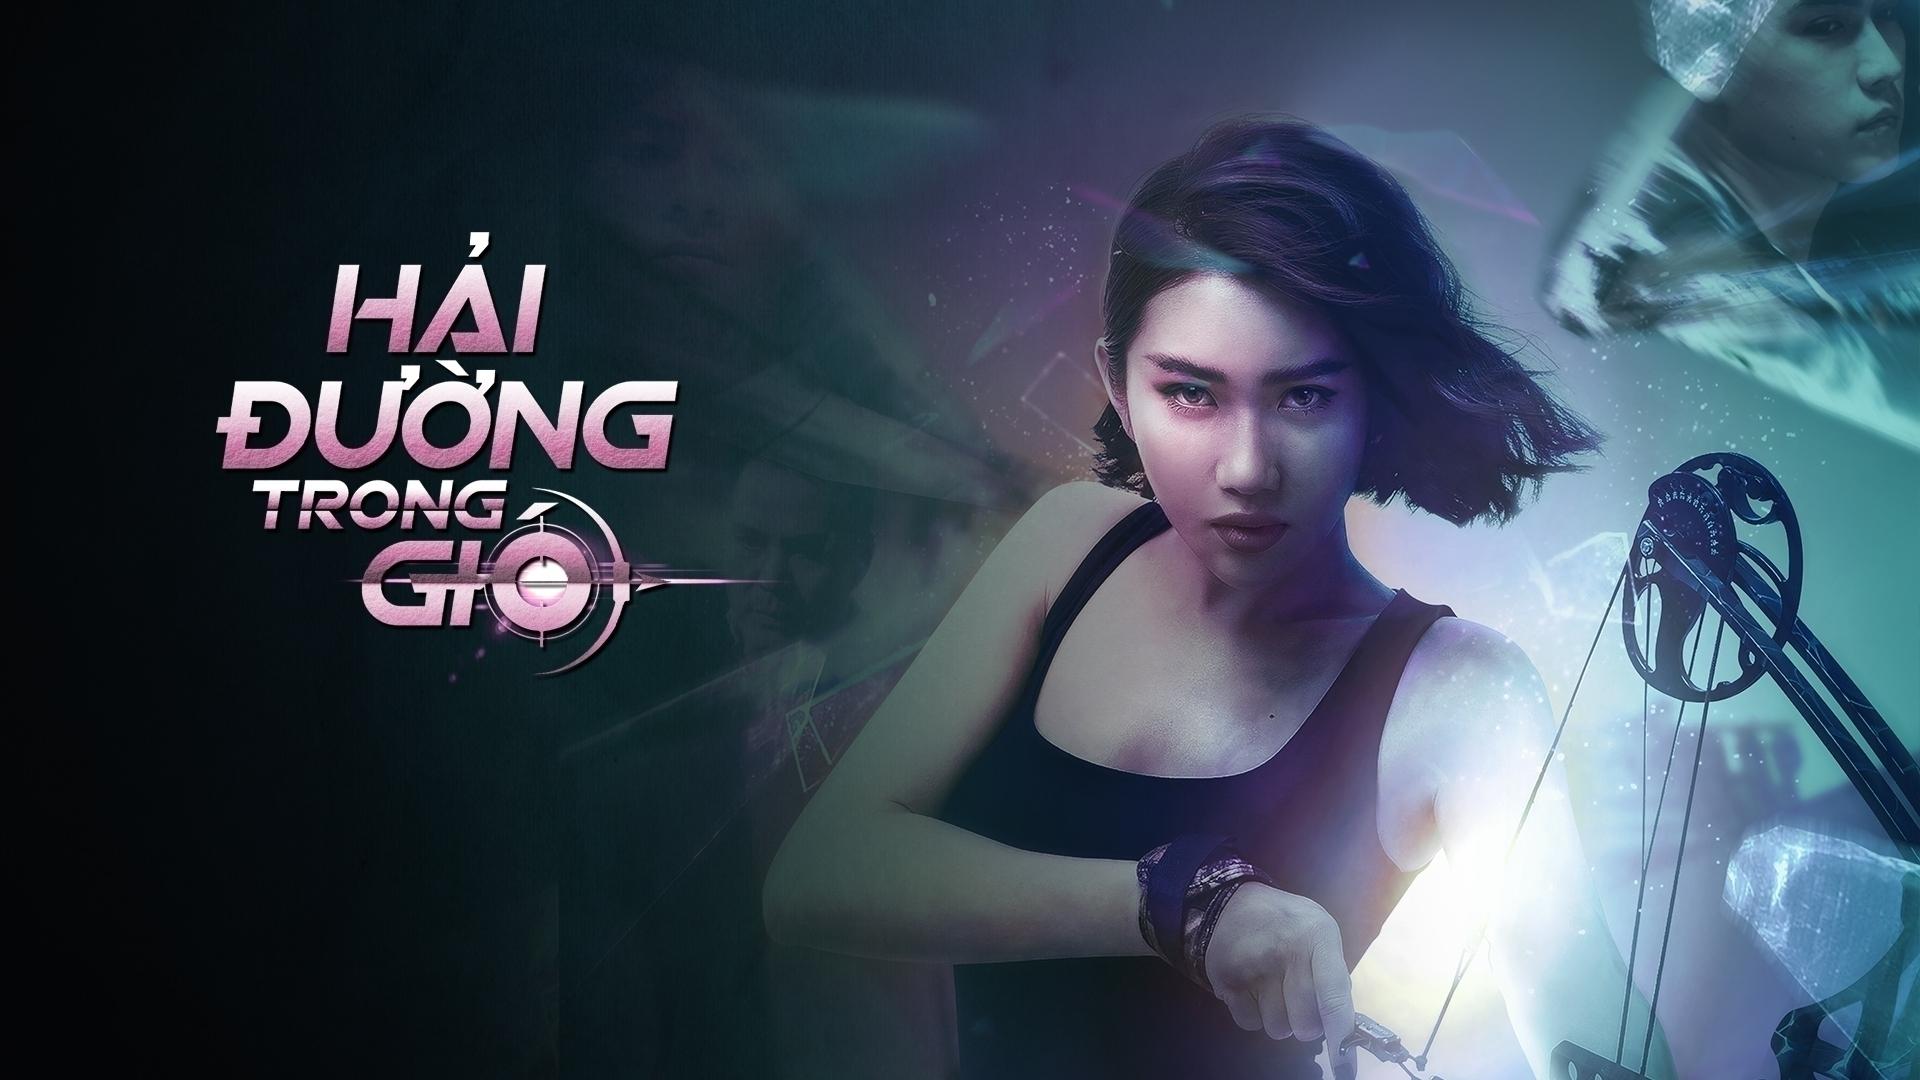 Hải Đường Trong Gió - HTV2 (2020)